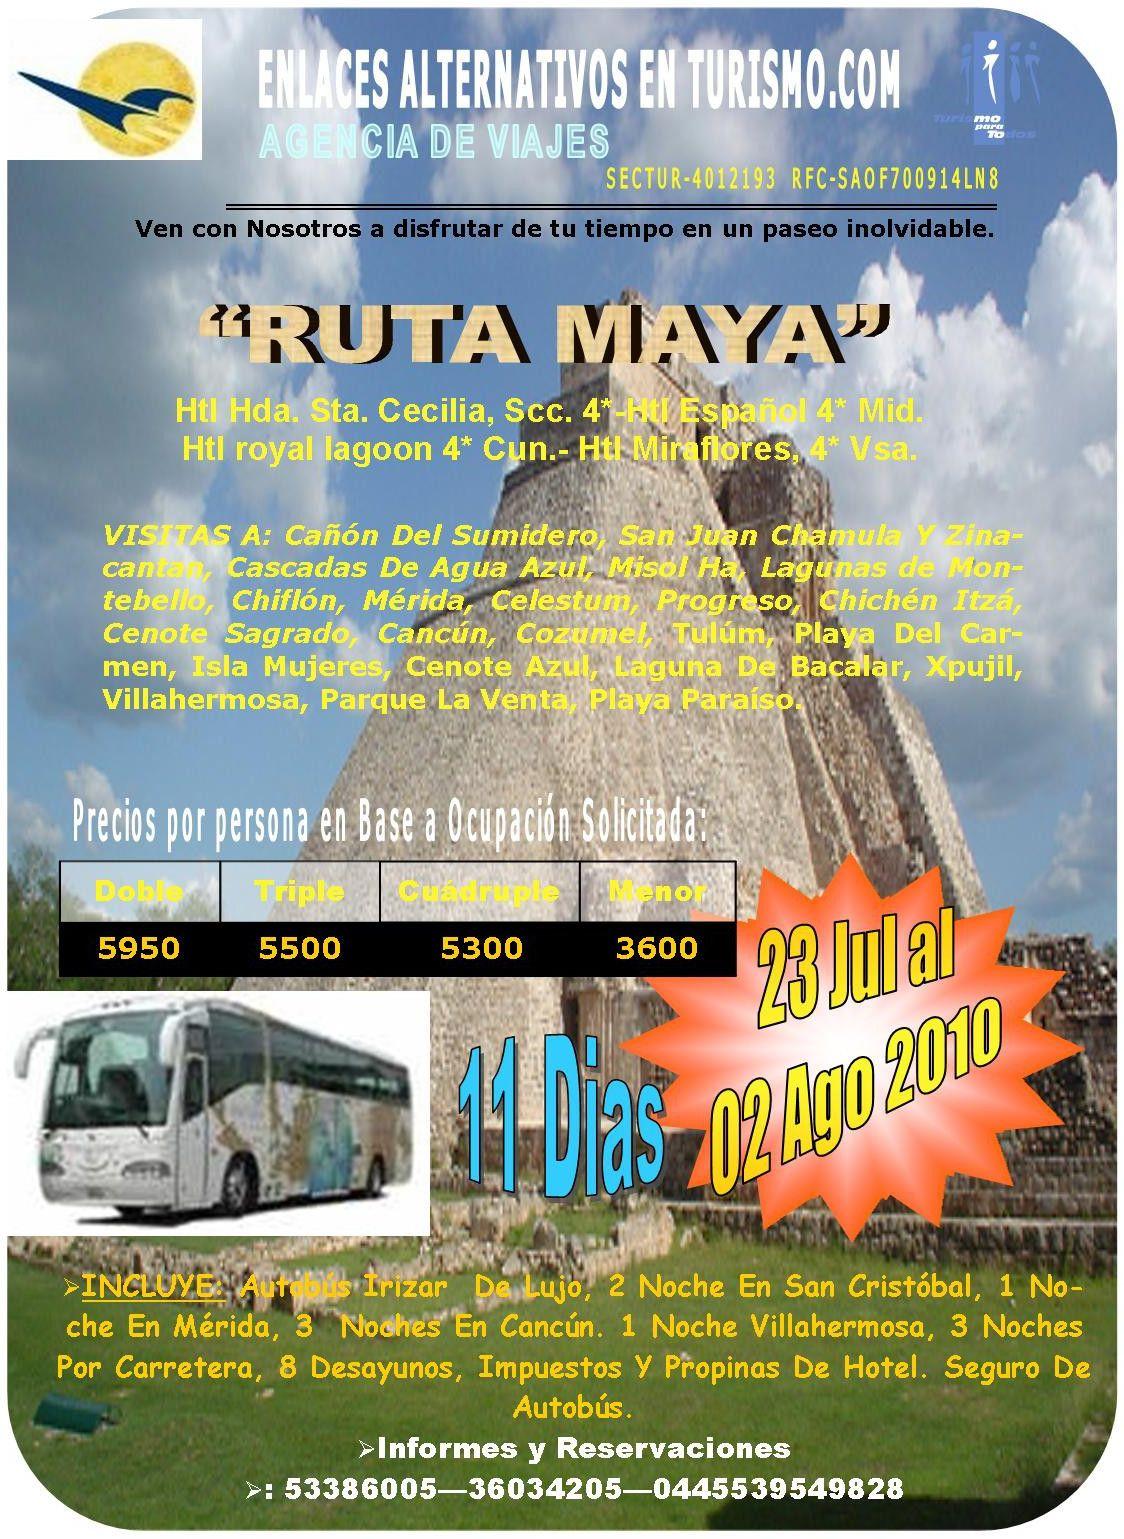 Imagen agencia de viajes y renta de autobuses transfer for Agencia turismo madrid